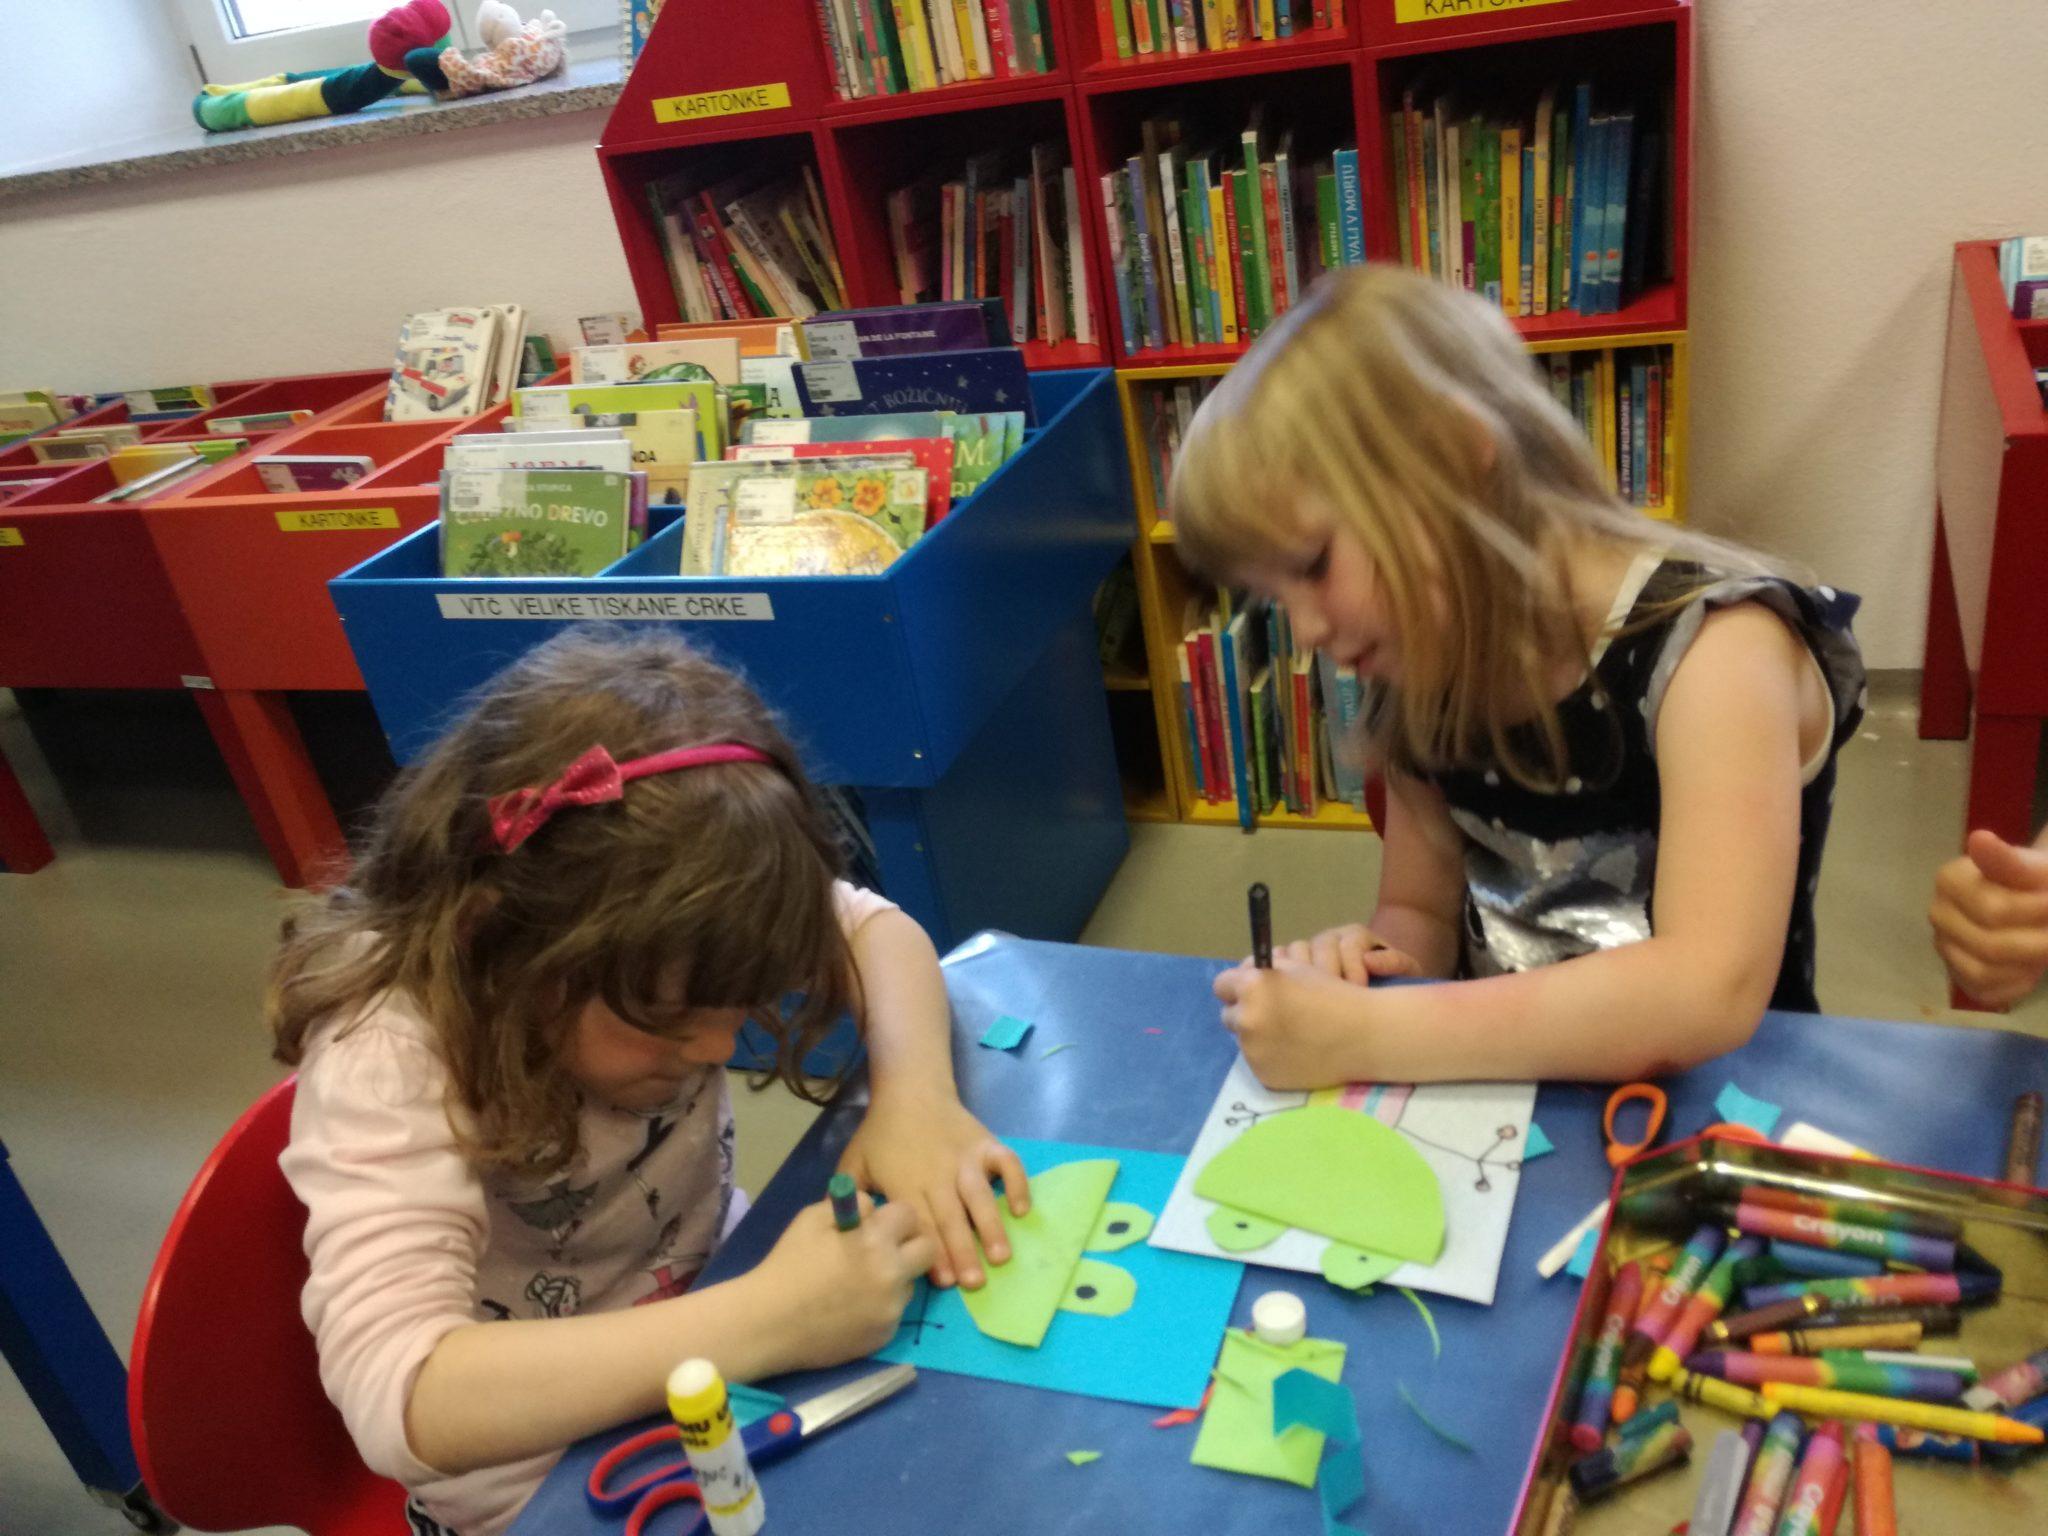 IMG 20190604 175922 1 - Pravljična ura in ustvarjalna delavnica za otroke od 4. leta dalje – Cerknica